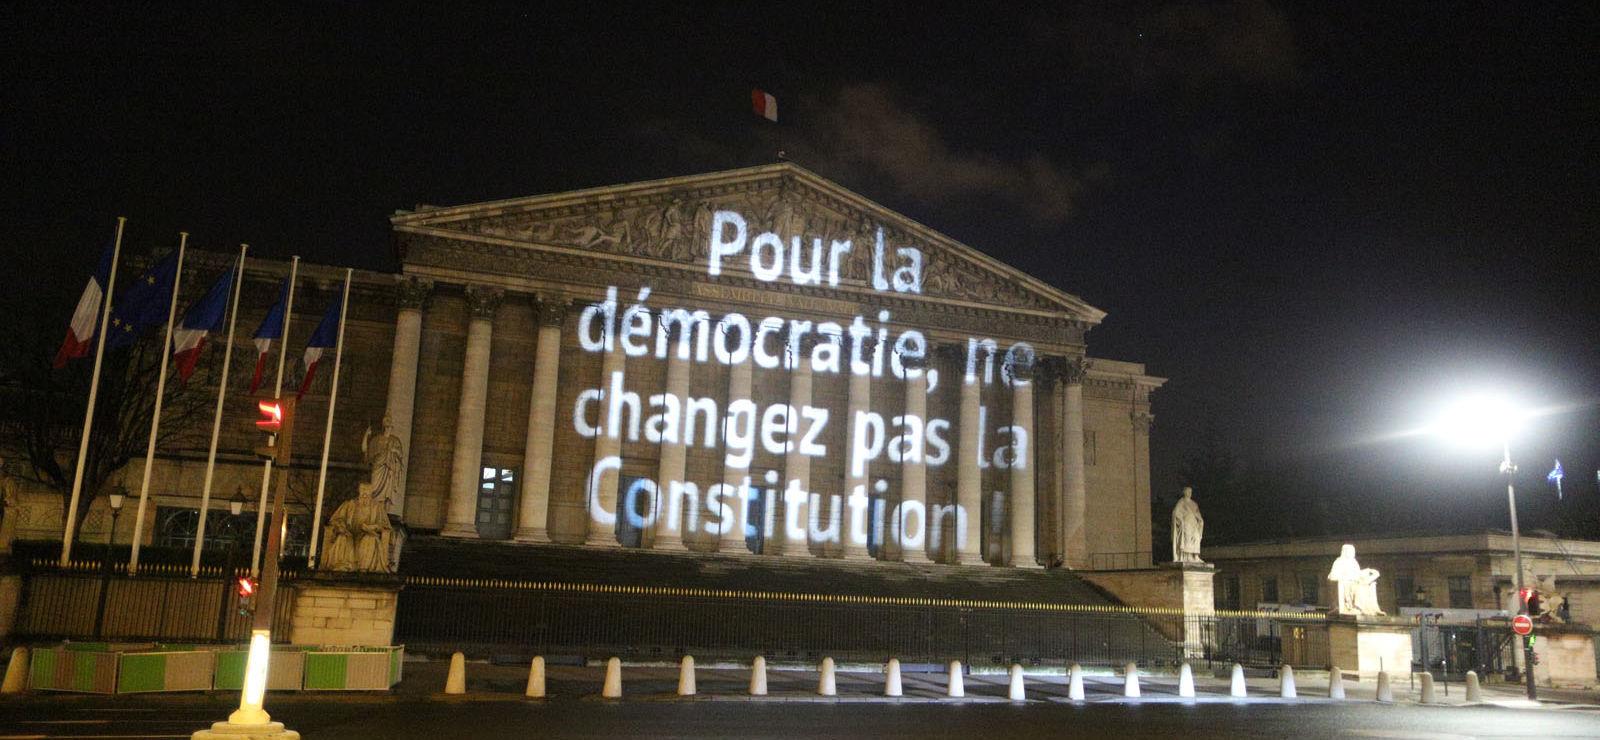 Révision constitutionnelle: Une association écrit son NON sur l'Assemblée